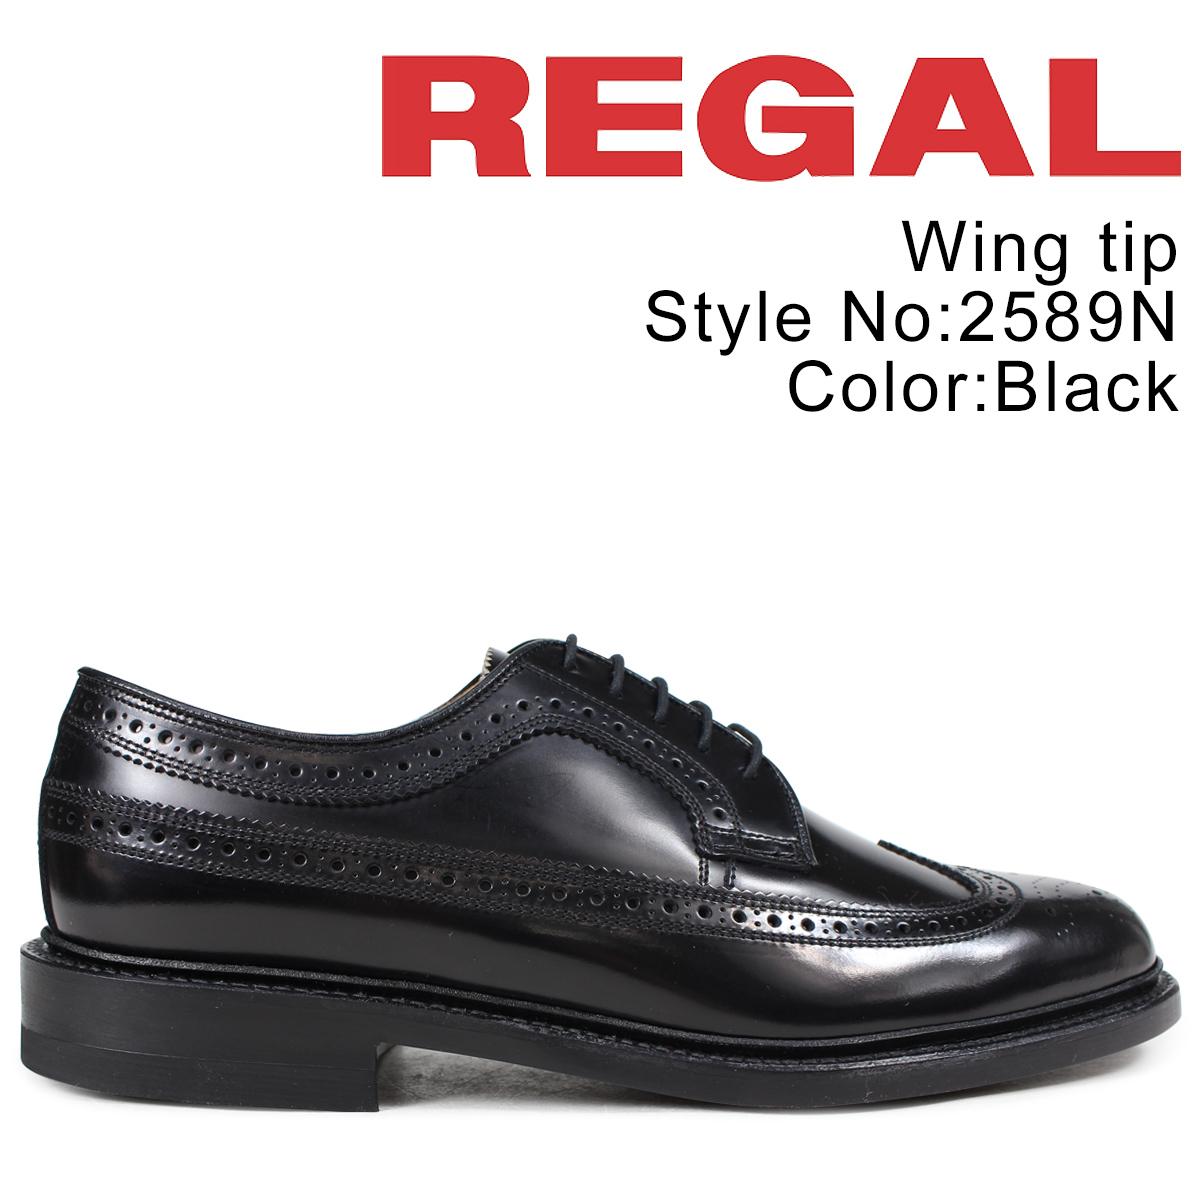 大人気新作 REGAL 2589N 靴 メンズ リーガル ウイングチップ ビジネスシューズ REGAL 日本製 メンズ ブラック 2589N, ガーデン太郎:1cf4d0dd --- canoncity.azurewebsites.net